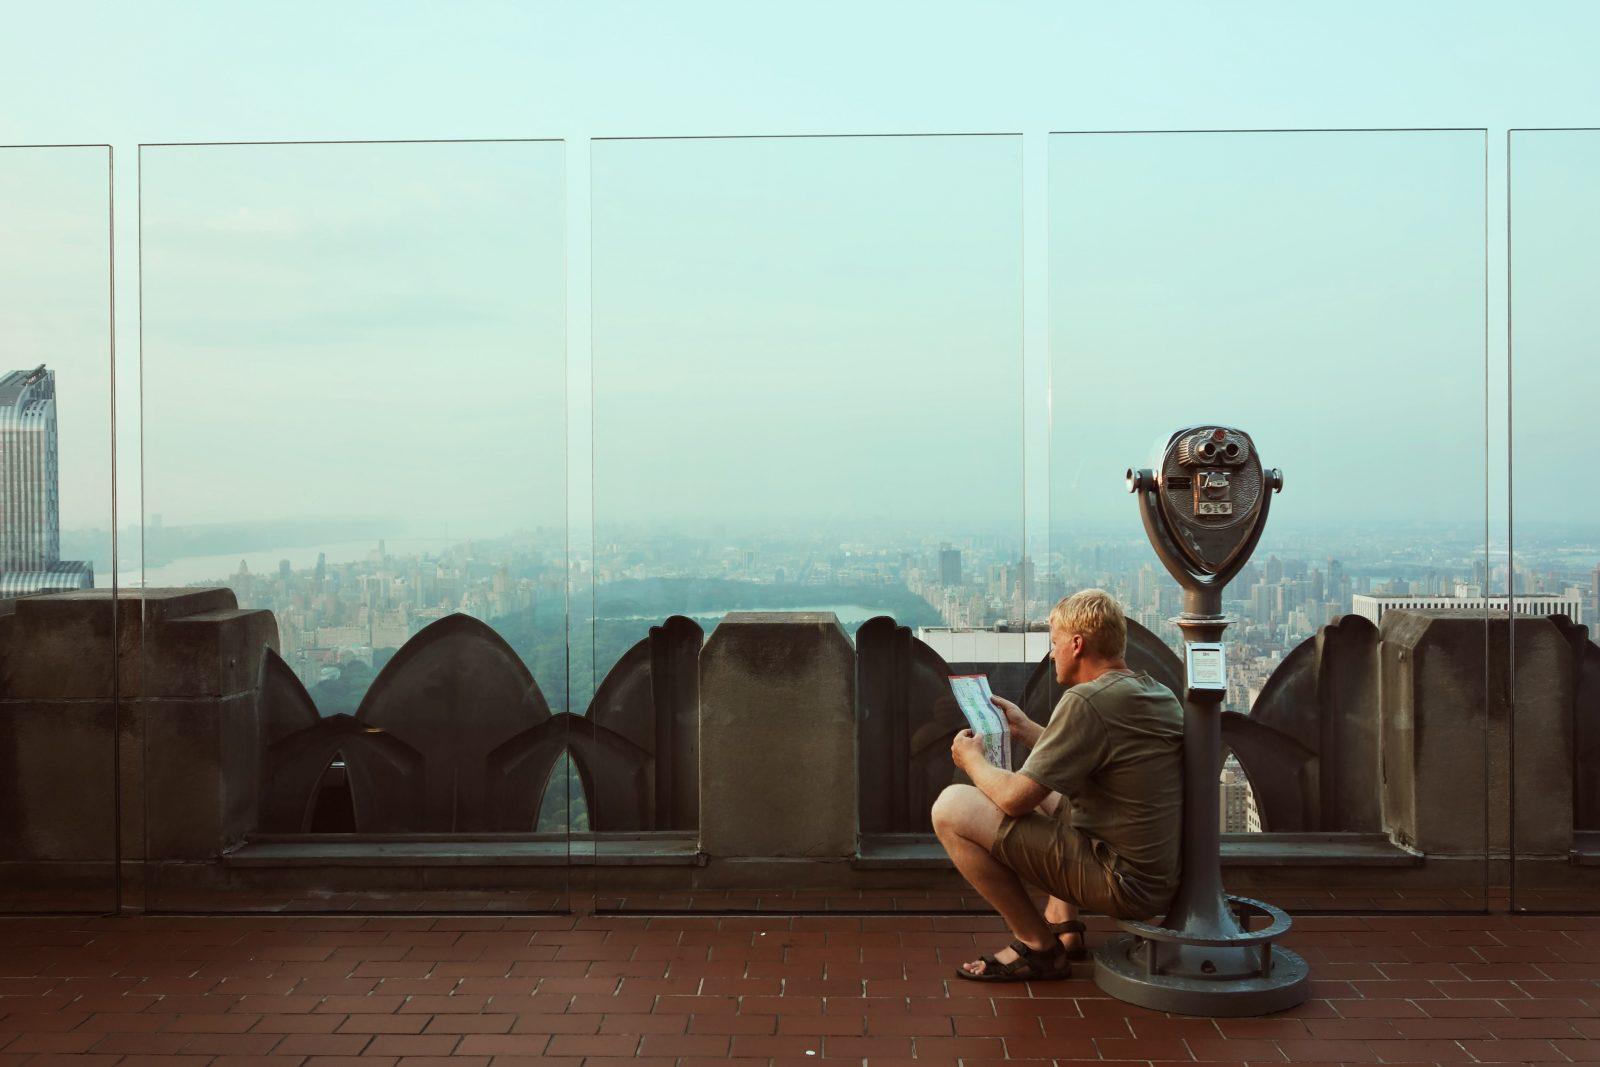 7m0yugsh 5m - Rockefeller Center